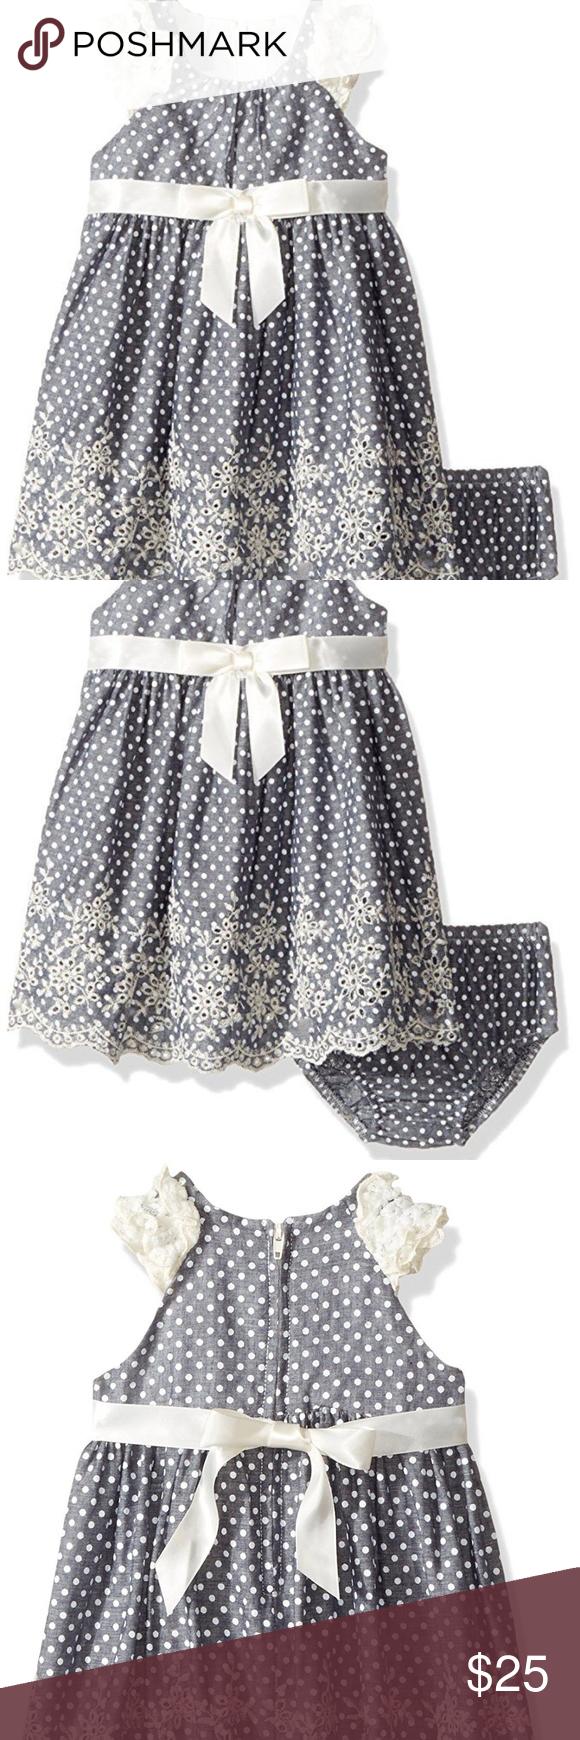 720e96ab2 I just added this listing on Poshmark: Bonnie Baby Chambray Dot Eyelet  Ruffle Dress Set. #shopmycloset #poshmark #fashion #shopping #style  #forsale #Bonnie ...